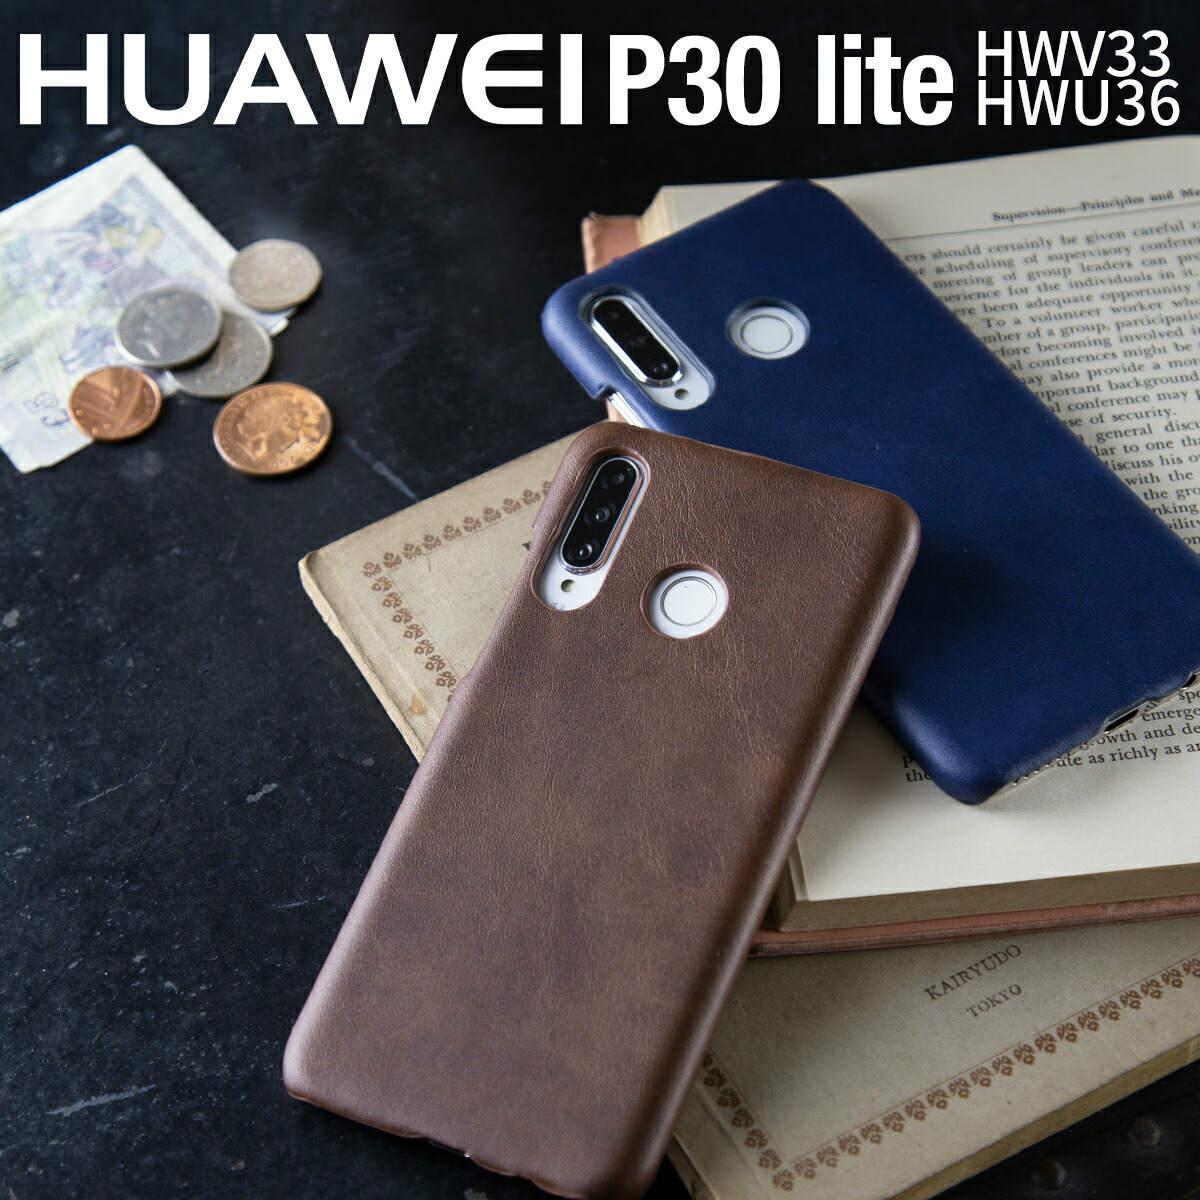 メール便送料無料 レザーハードケース P30 Lite HUAWEI lite 登場大人気アイテム スマホケース 韓国 HWV33 セール特価 HWU36 スマホ ケース カバー 携帯 UQモバイル 人気 おしゃれ ヤフーモバイル 送料無料 au レザー かっこいい Android 革 アンドロイド アンティーク調 ファーウェイ ハードケース